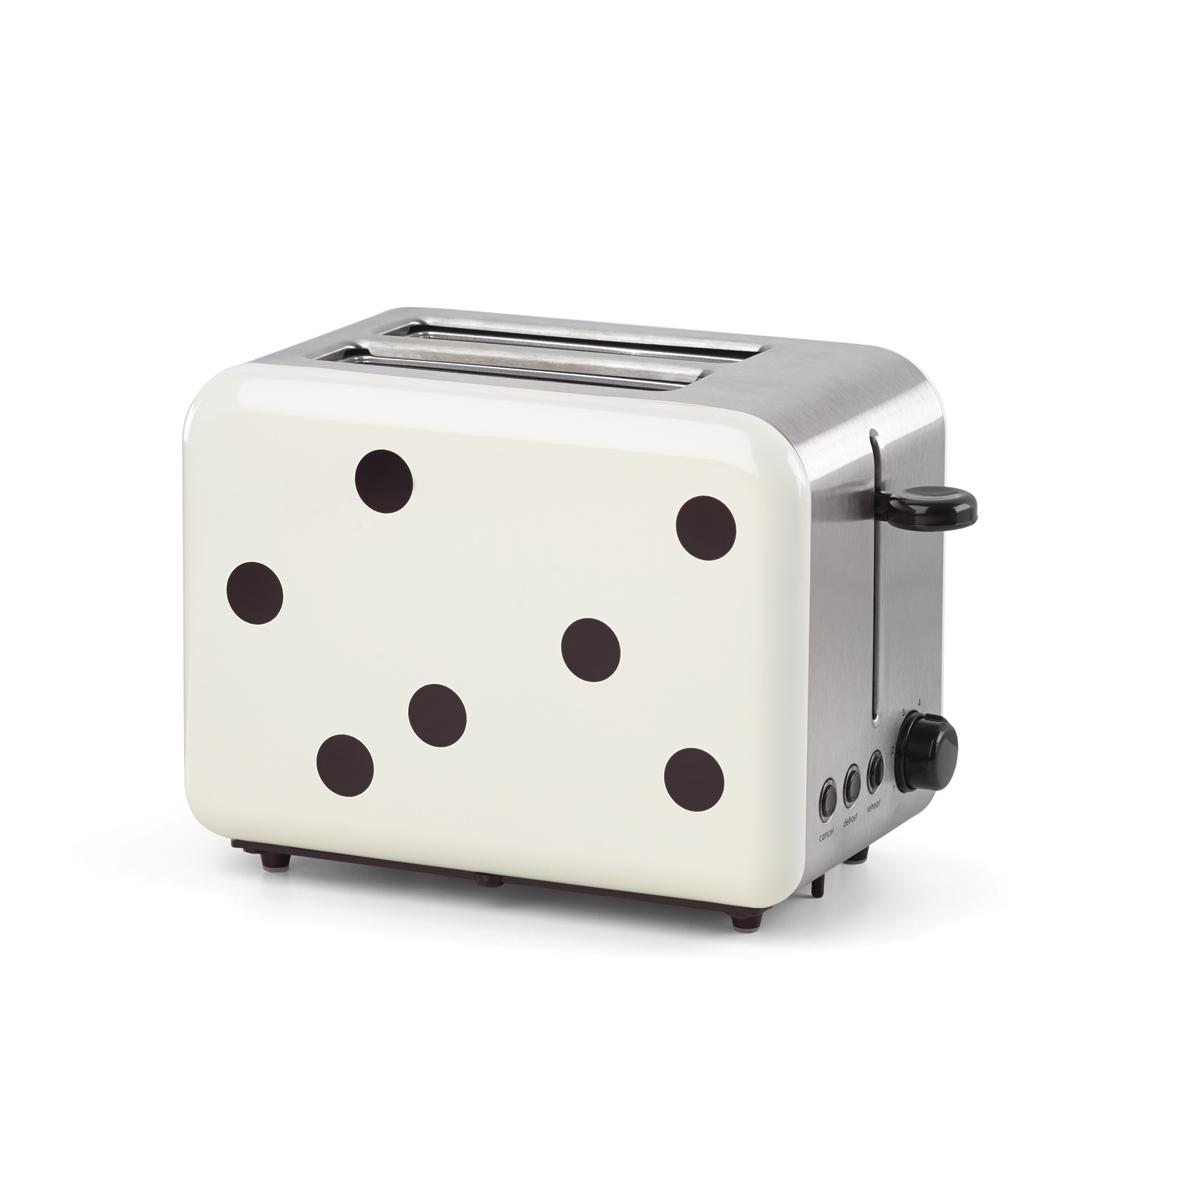 Kate Spade New York, Lenox All In Good Taste Deco Dot Toaster 2 Slice